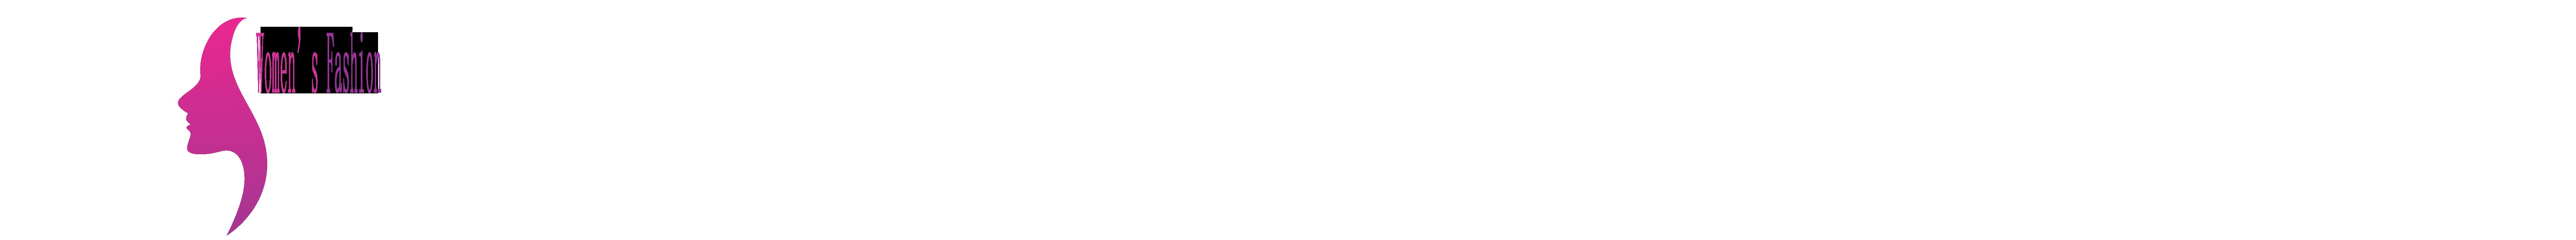 kadininmodasi.org